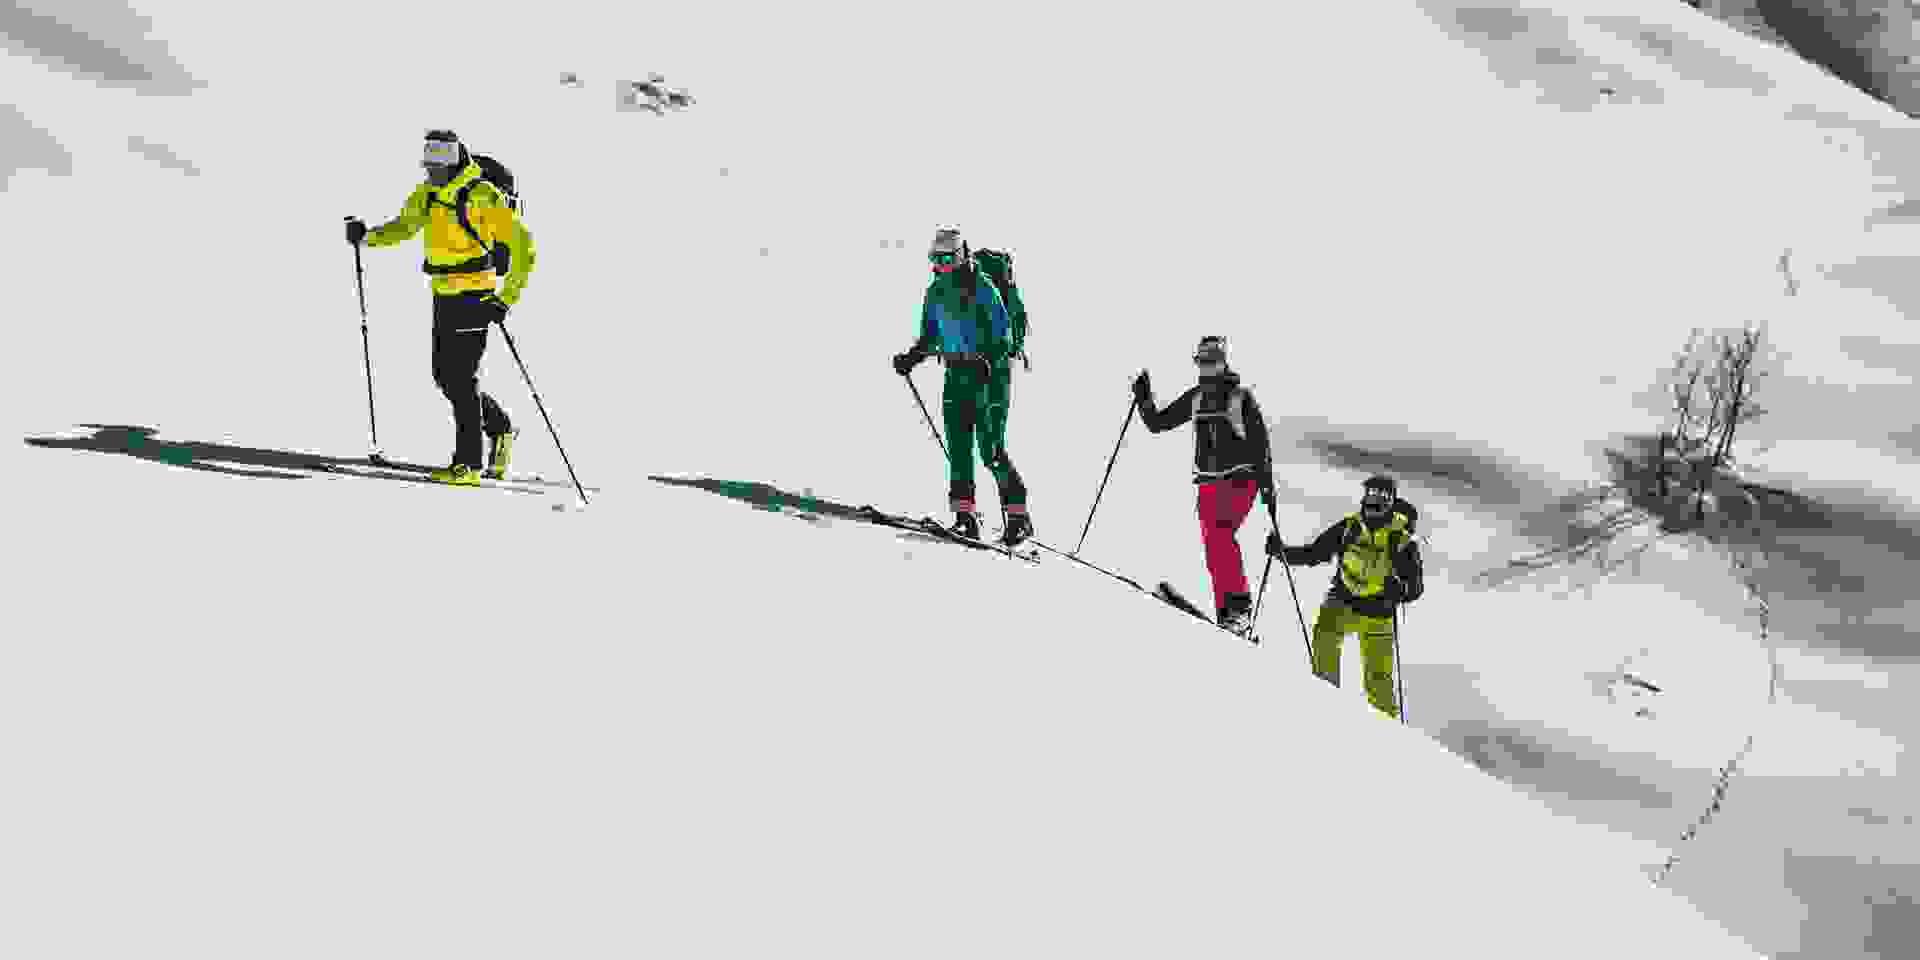 Eine Gruppe Skitourengeher erklimmen eine kleine Anhöhe